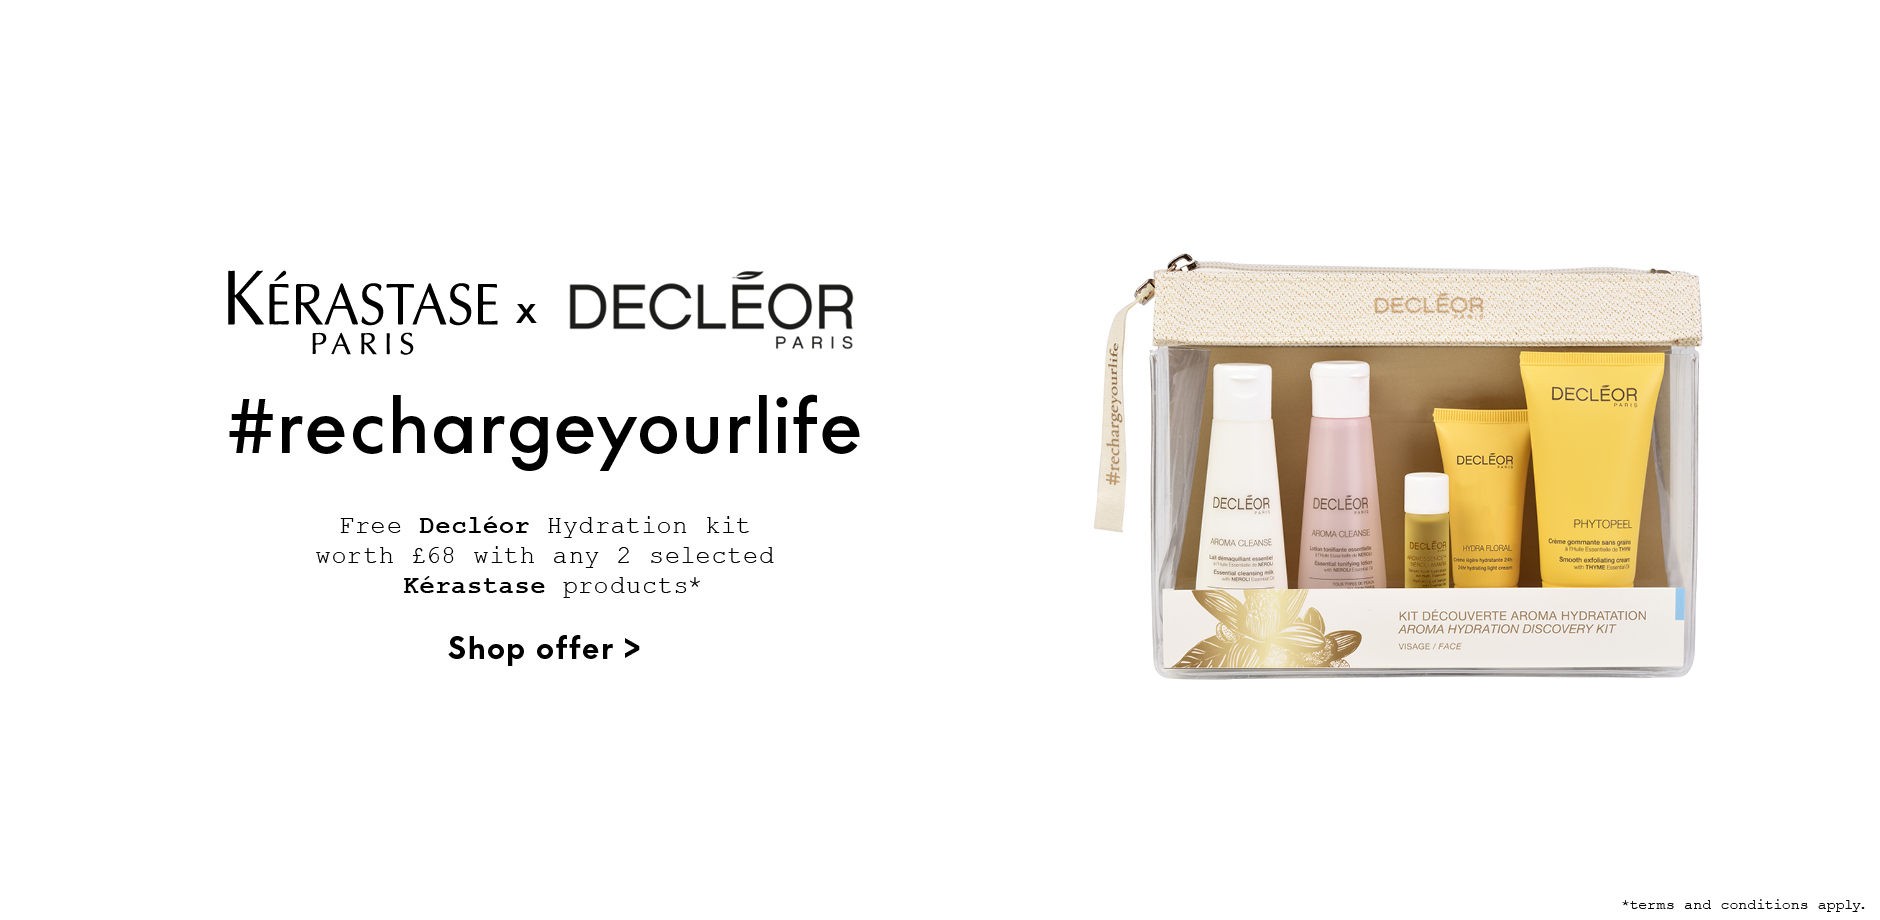 Kerastase Decleor Kit